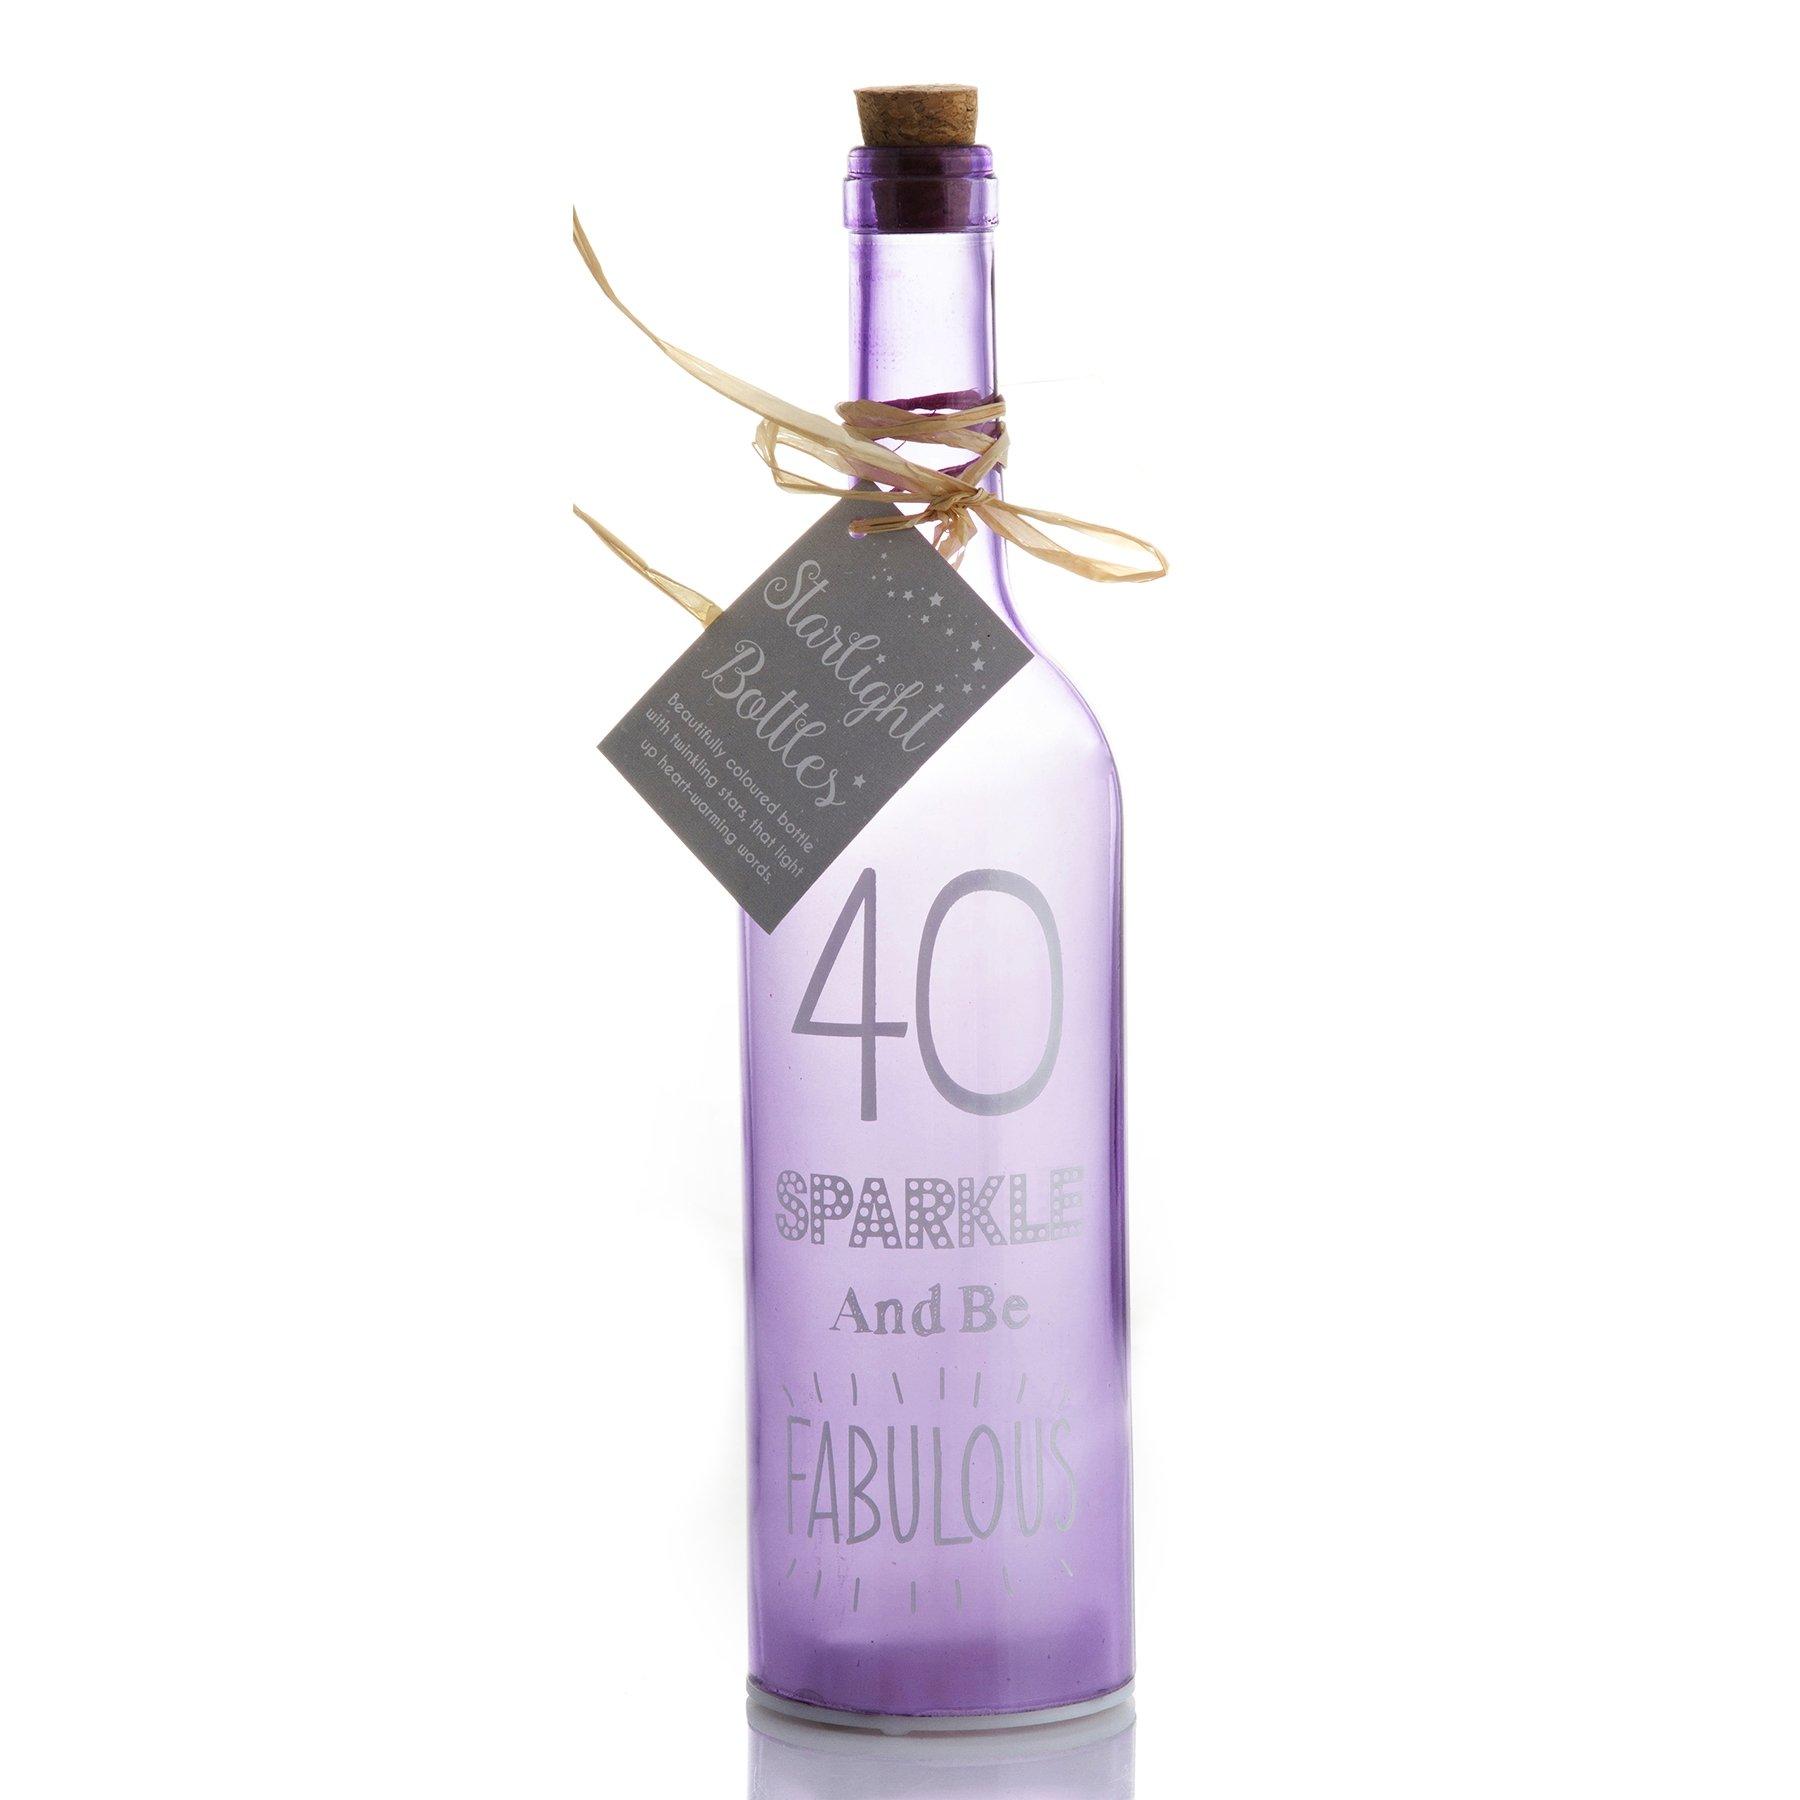 Premier Life Store Boxer 40 Birthday Starlight Bottle, Light Purple